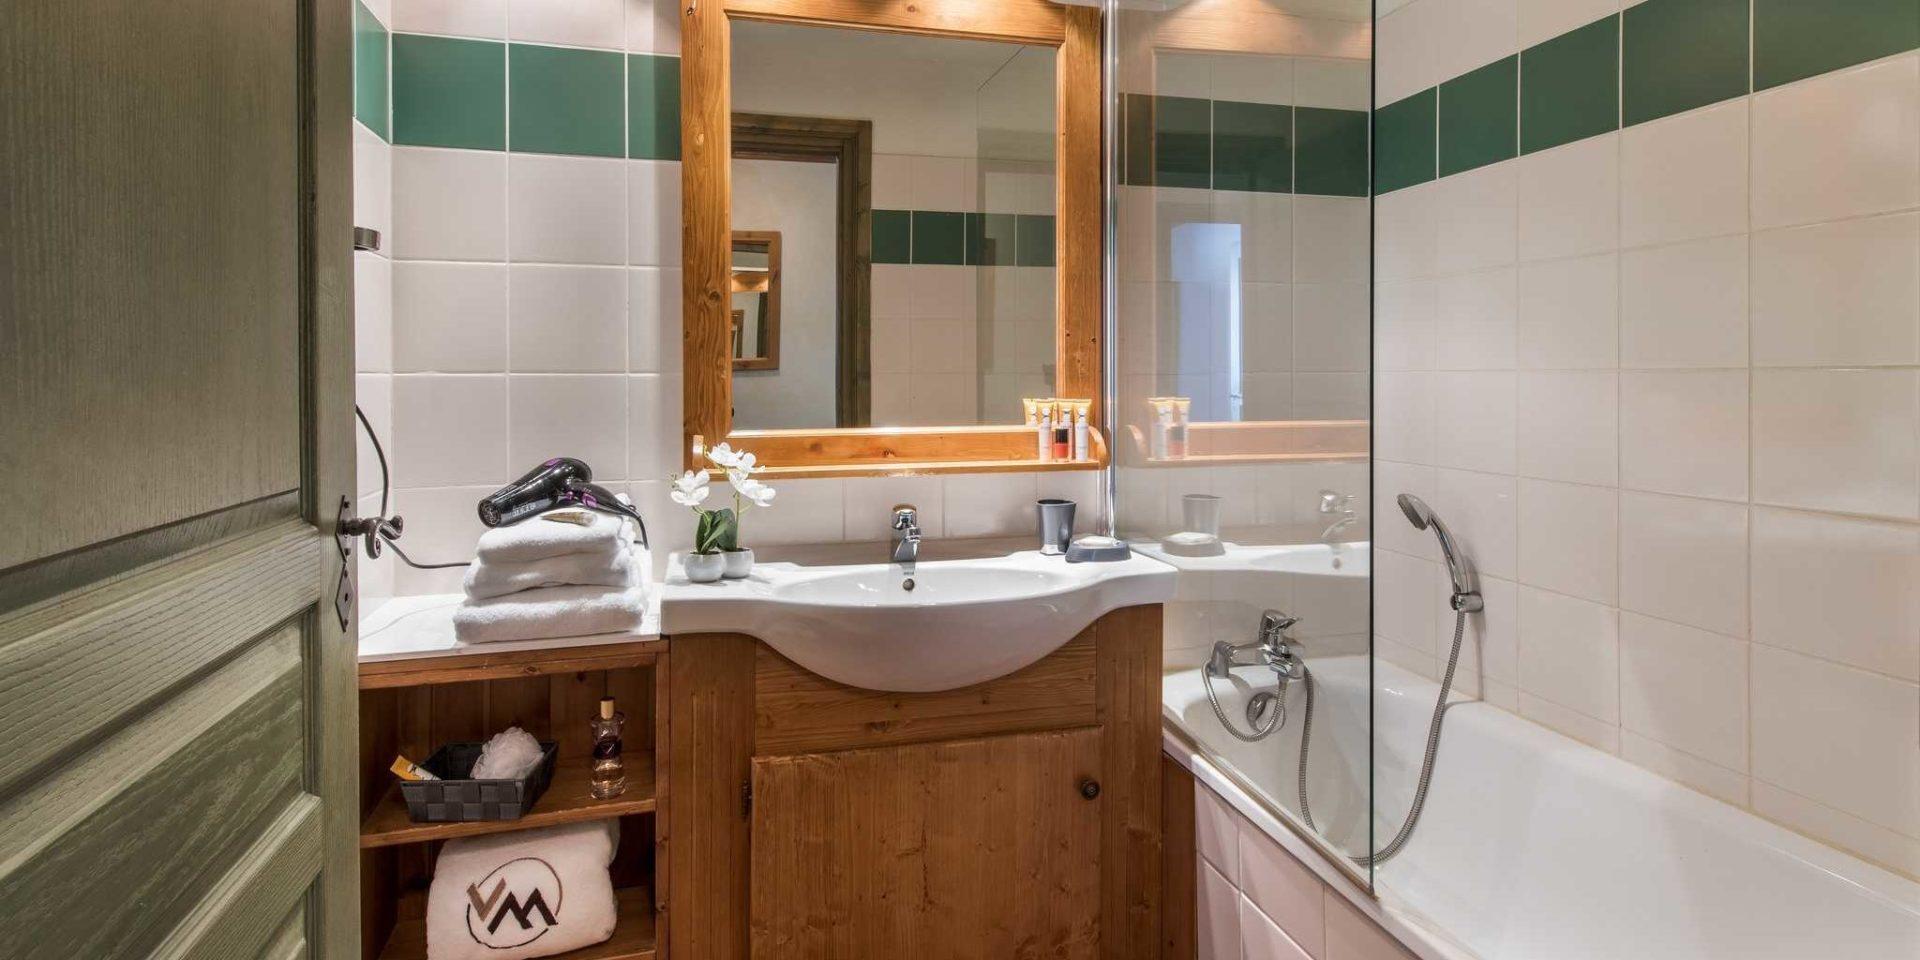 Residences Village Montana Tignes Tignes-Val d'Isere Frankrijk wintersport skivakantie luxe badkamer bad spiegel wastafel fohn handdoeken groene rand tegels